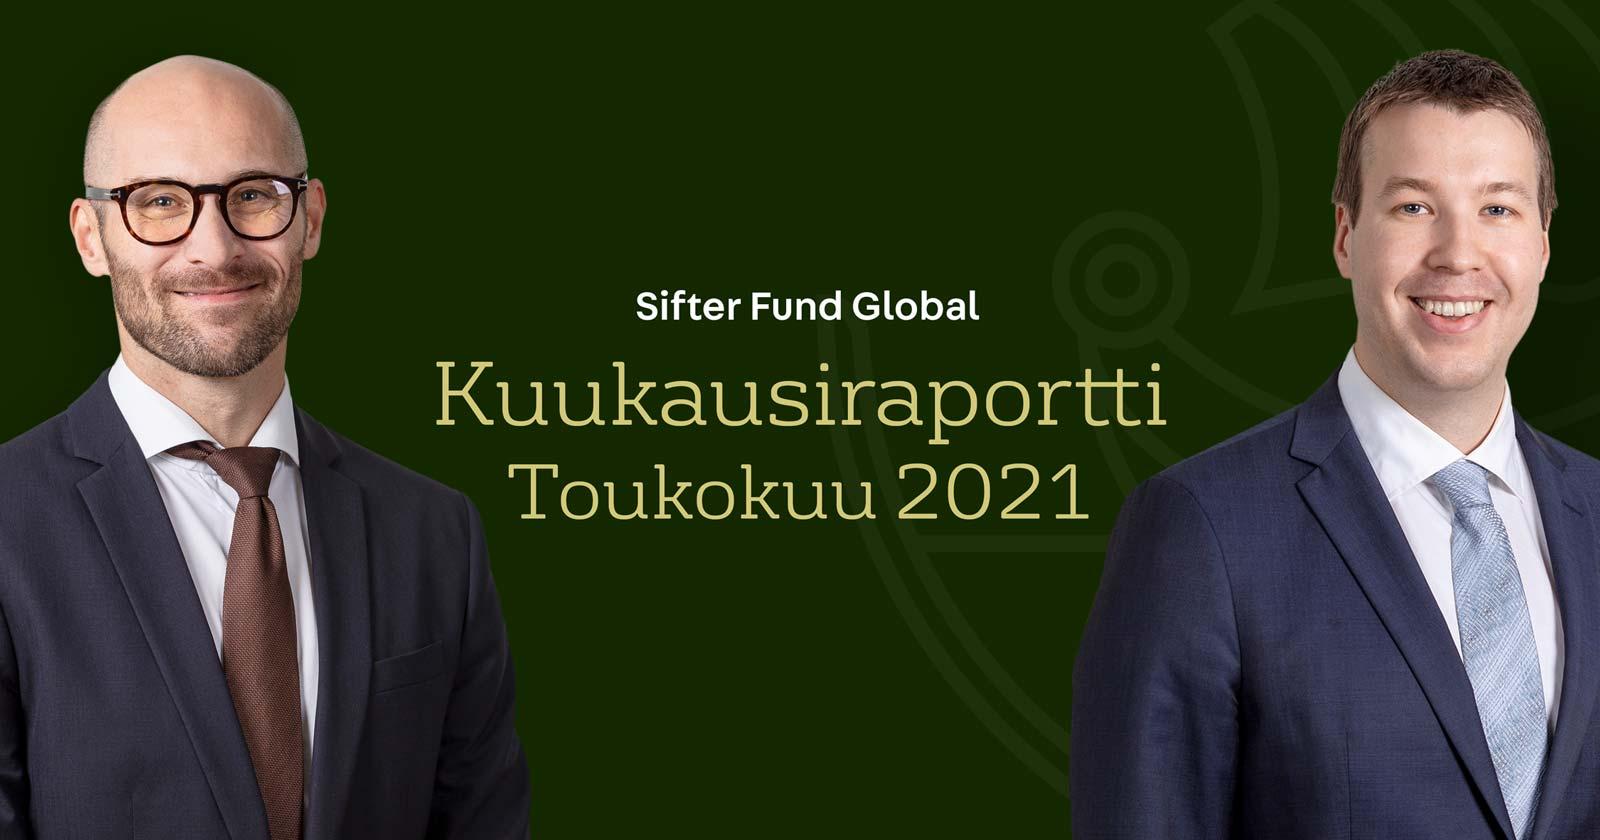 sifter rahasto kuukausiraportti toukokuu 2021 video